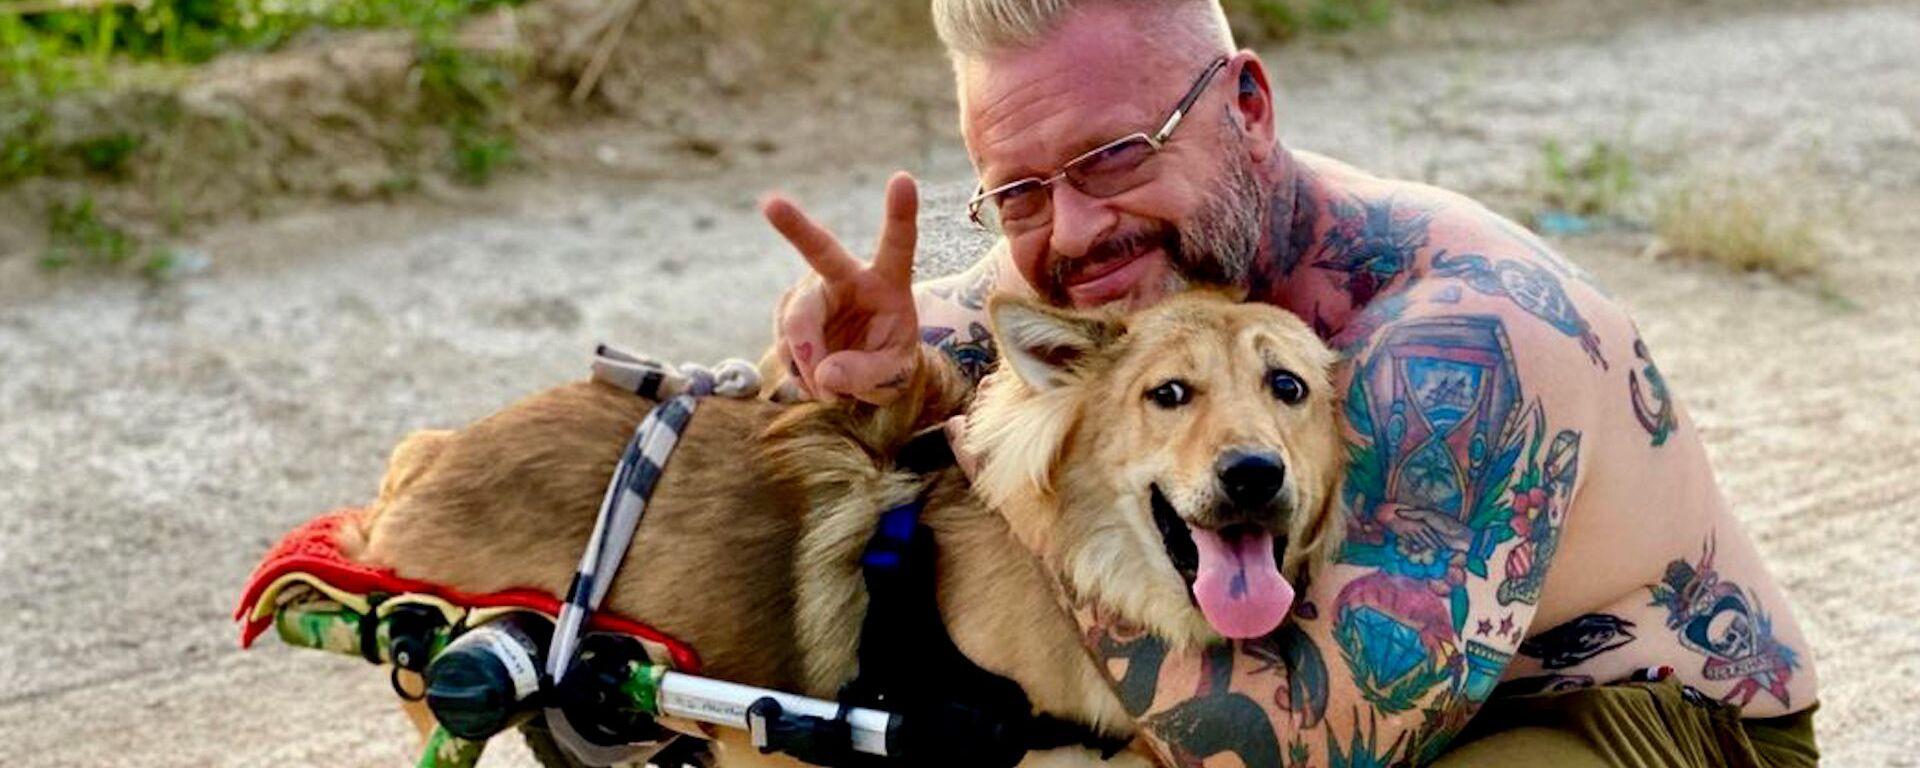 Καταφύγιο στην Ταϊλάνδη δίνει δεύτερη ευκαιρία στη ζωή σε σκύλους με αναπηρία - Sputnik Ελλάδα, 1920, 14.02.2021